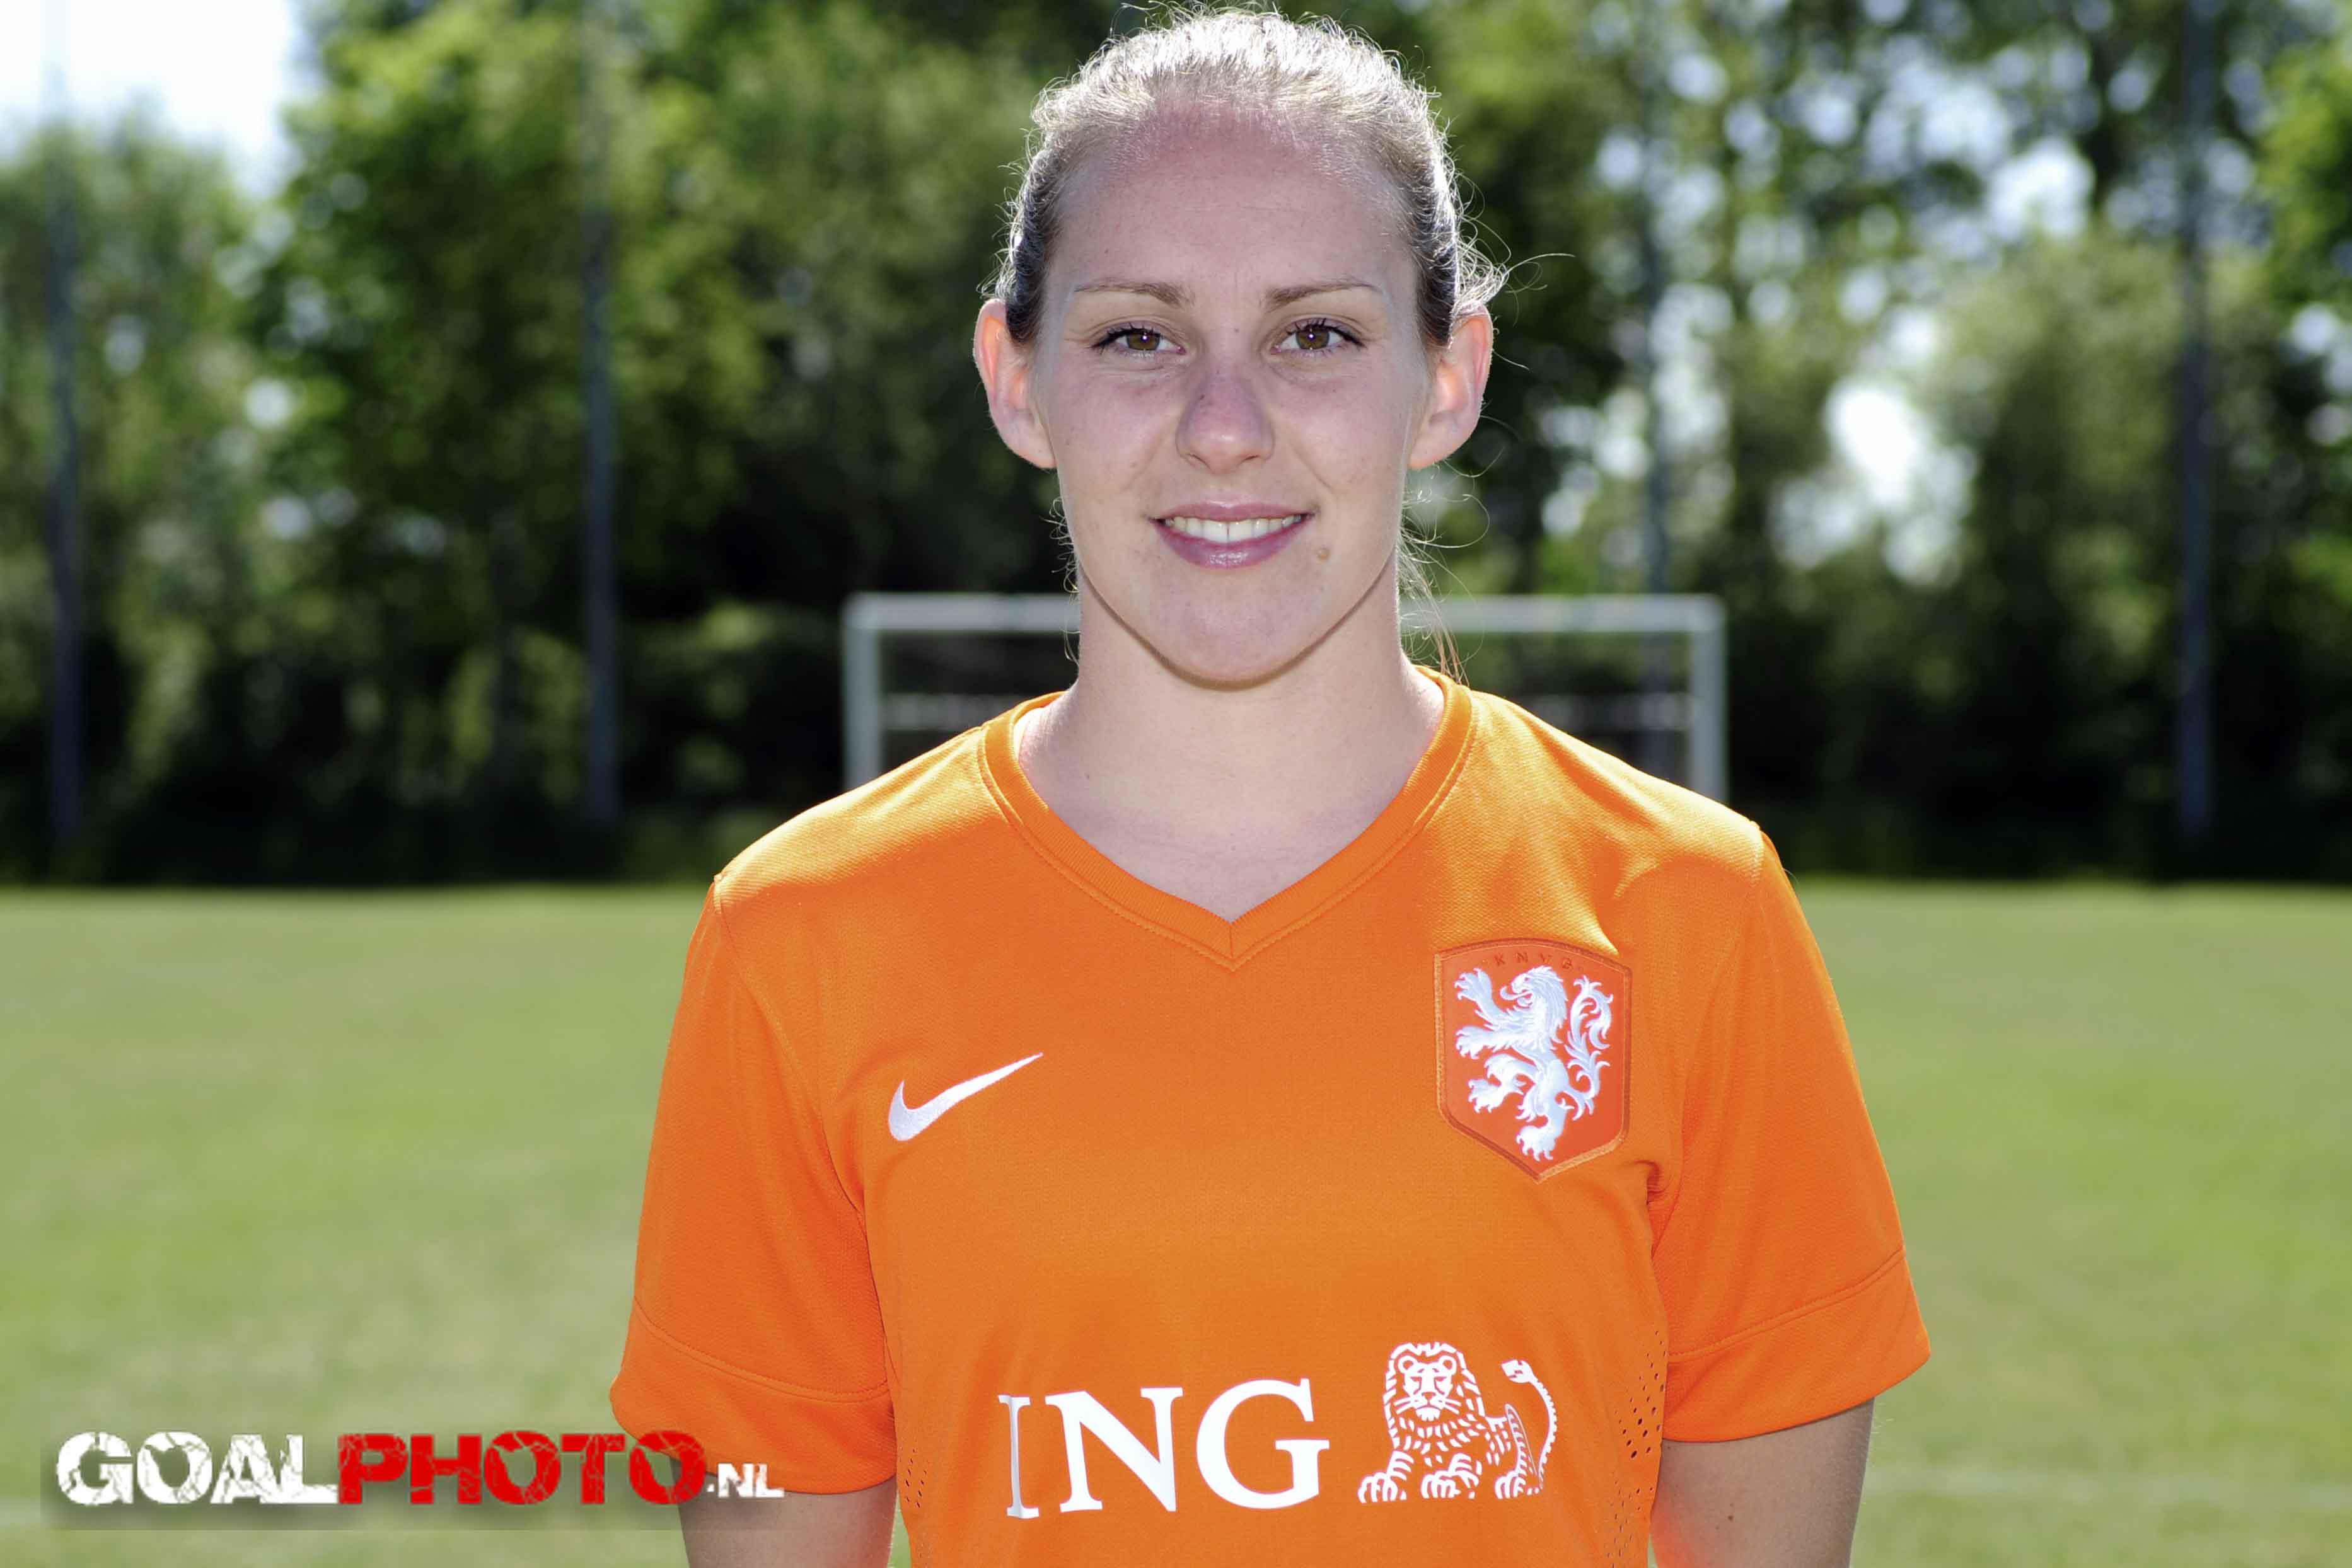 Oranje-topscorer aller tijden Manon Melis zet punt achter interlandcarrière